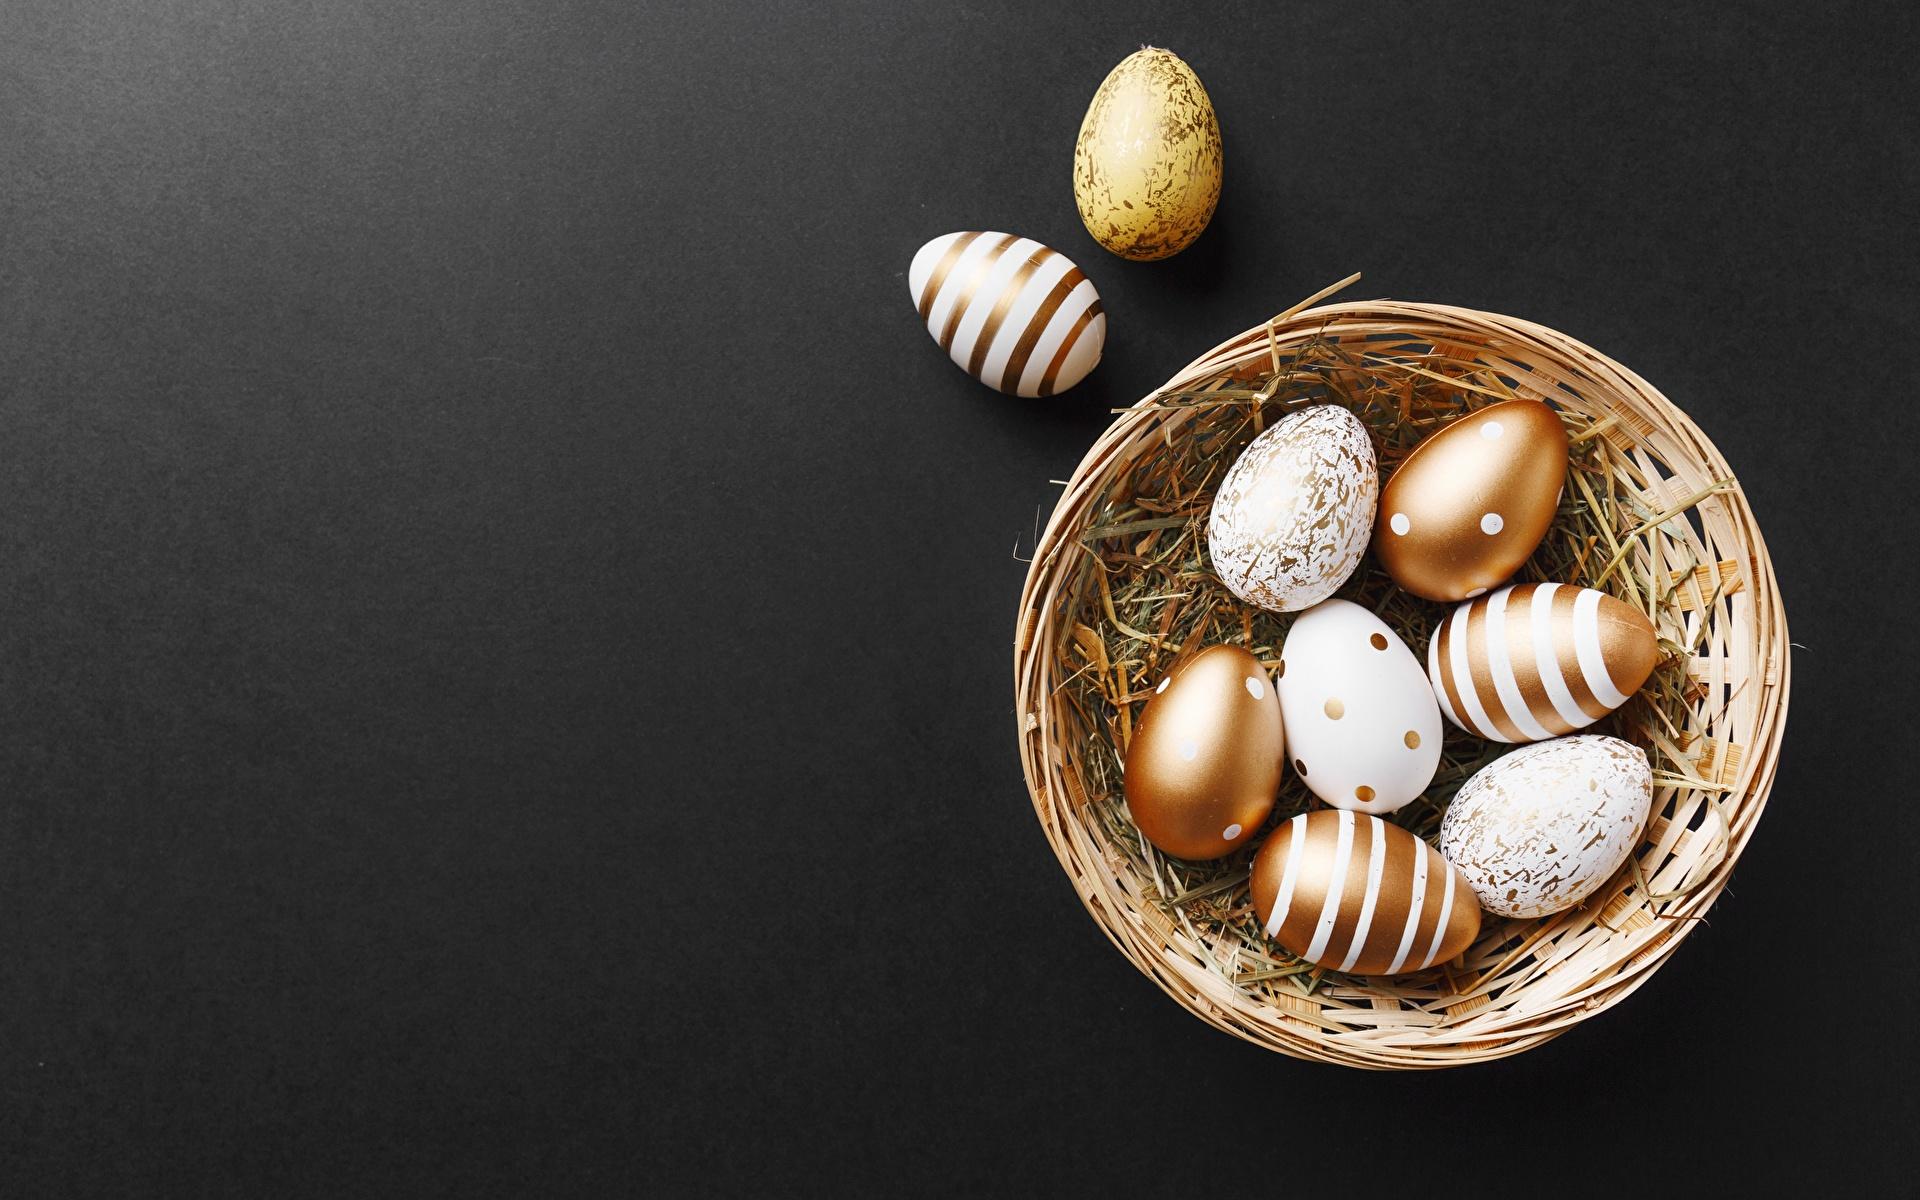 Bilder von Ostern eier Weidenkorb 1920x1200 Ei